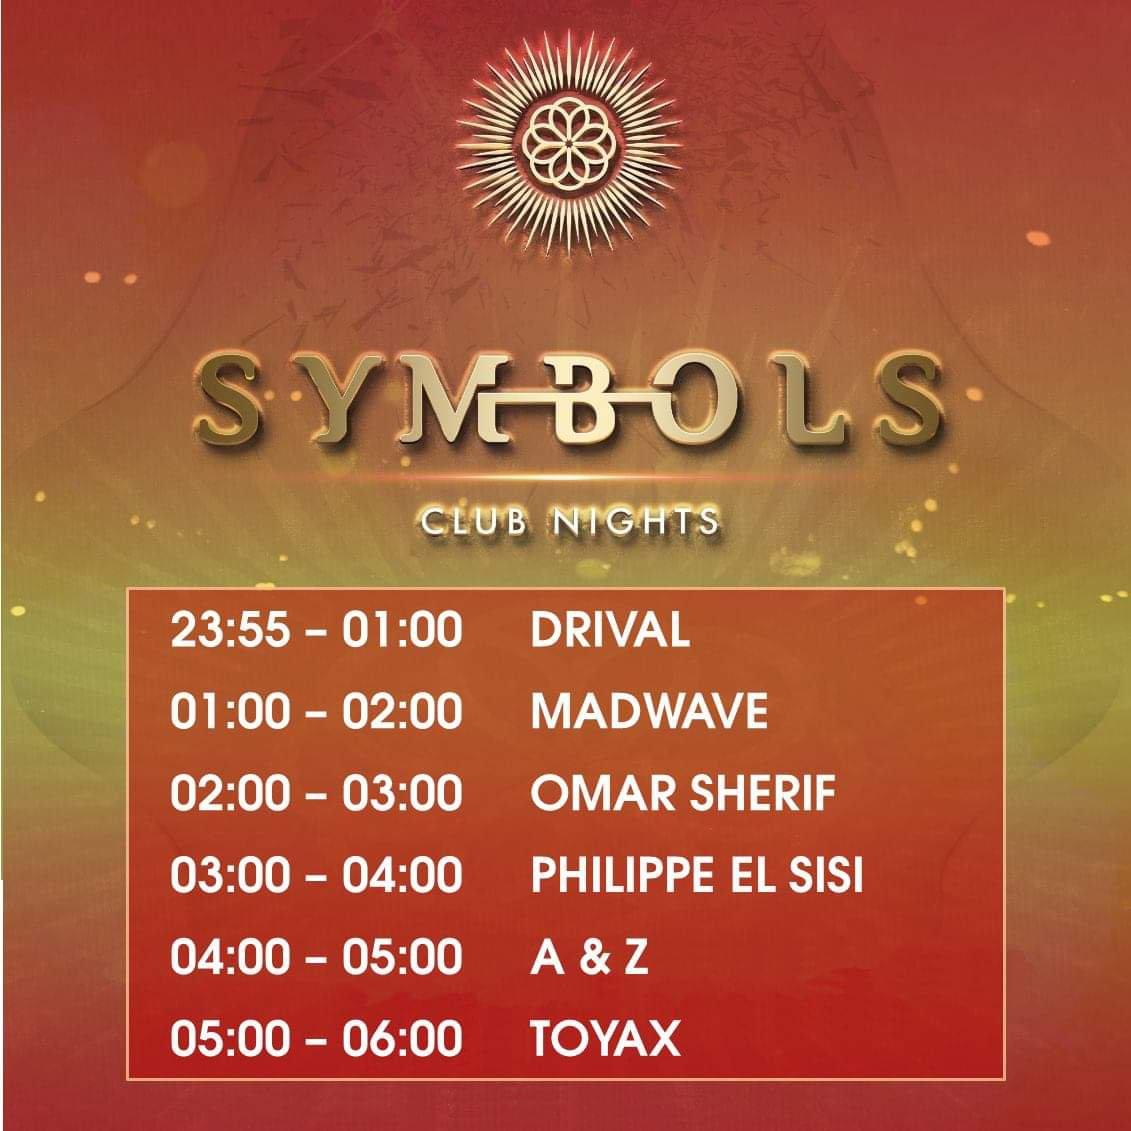 fb_img_1539880913864111032968268547529 Symbols anuncia su horario para este sábado